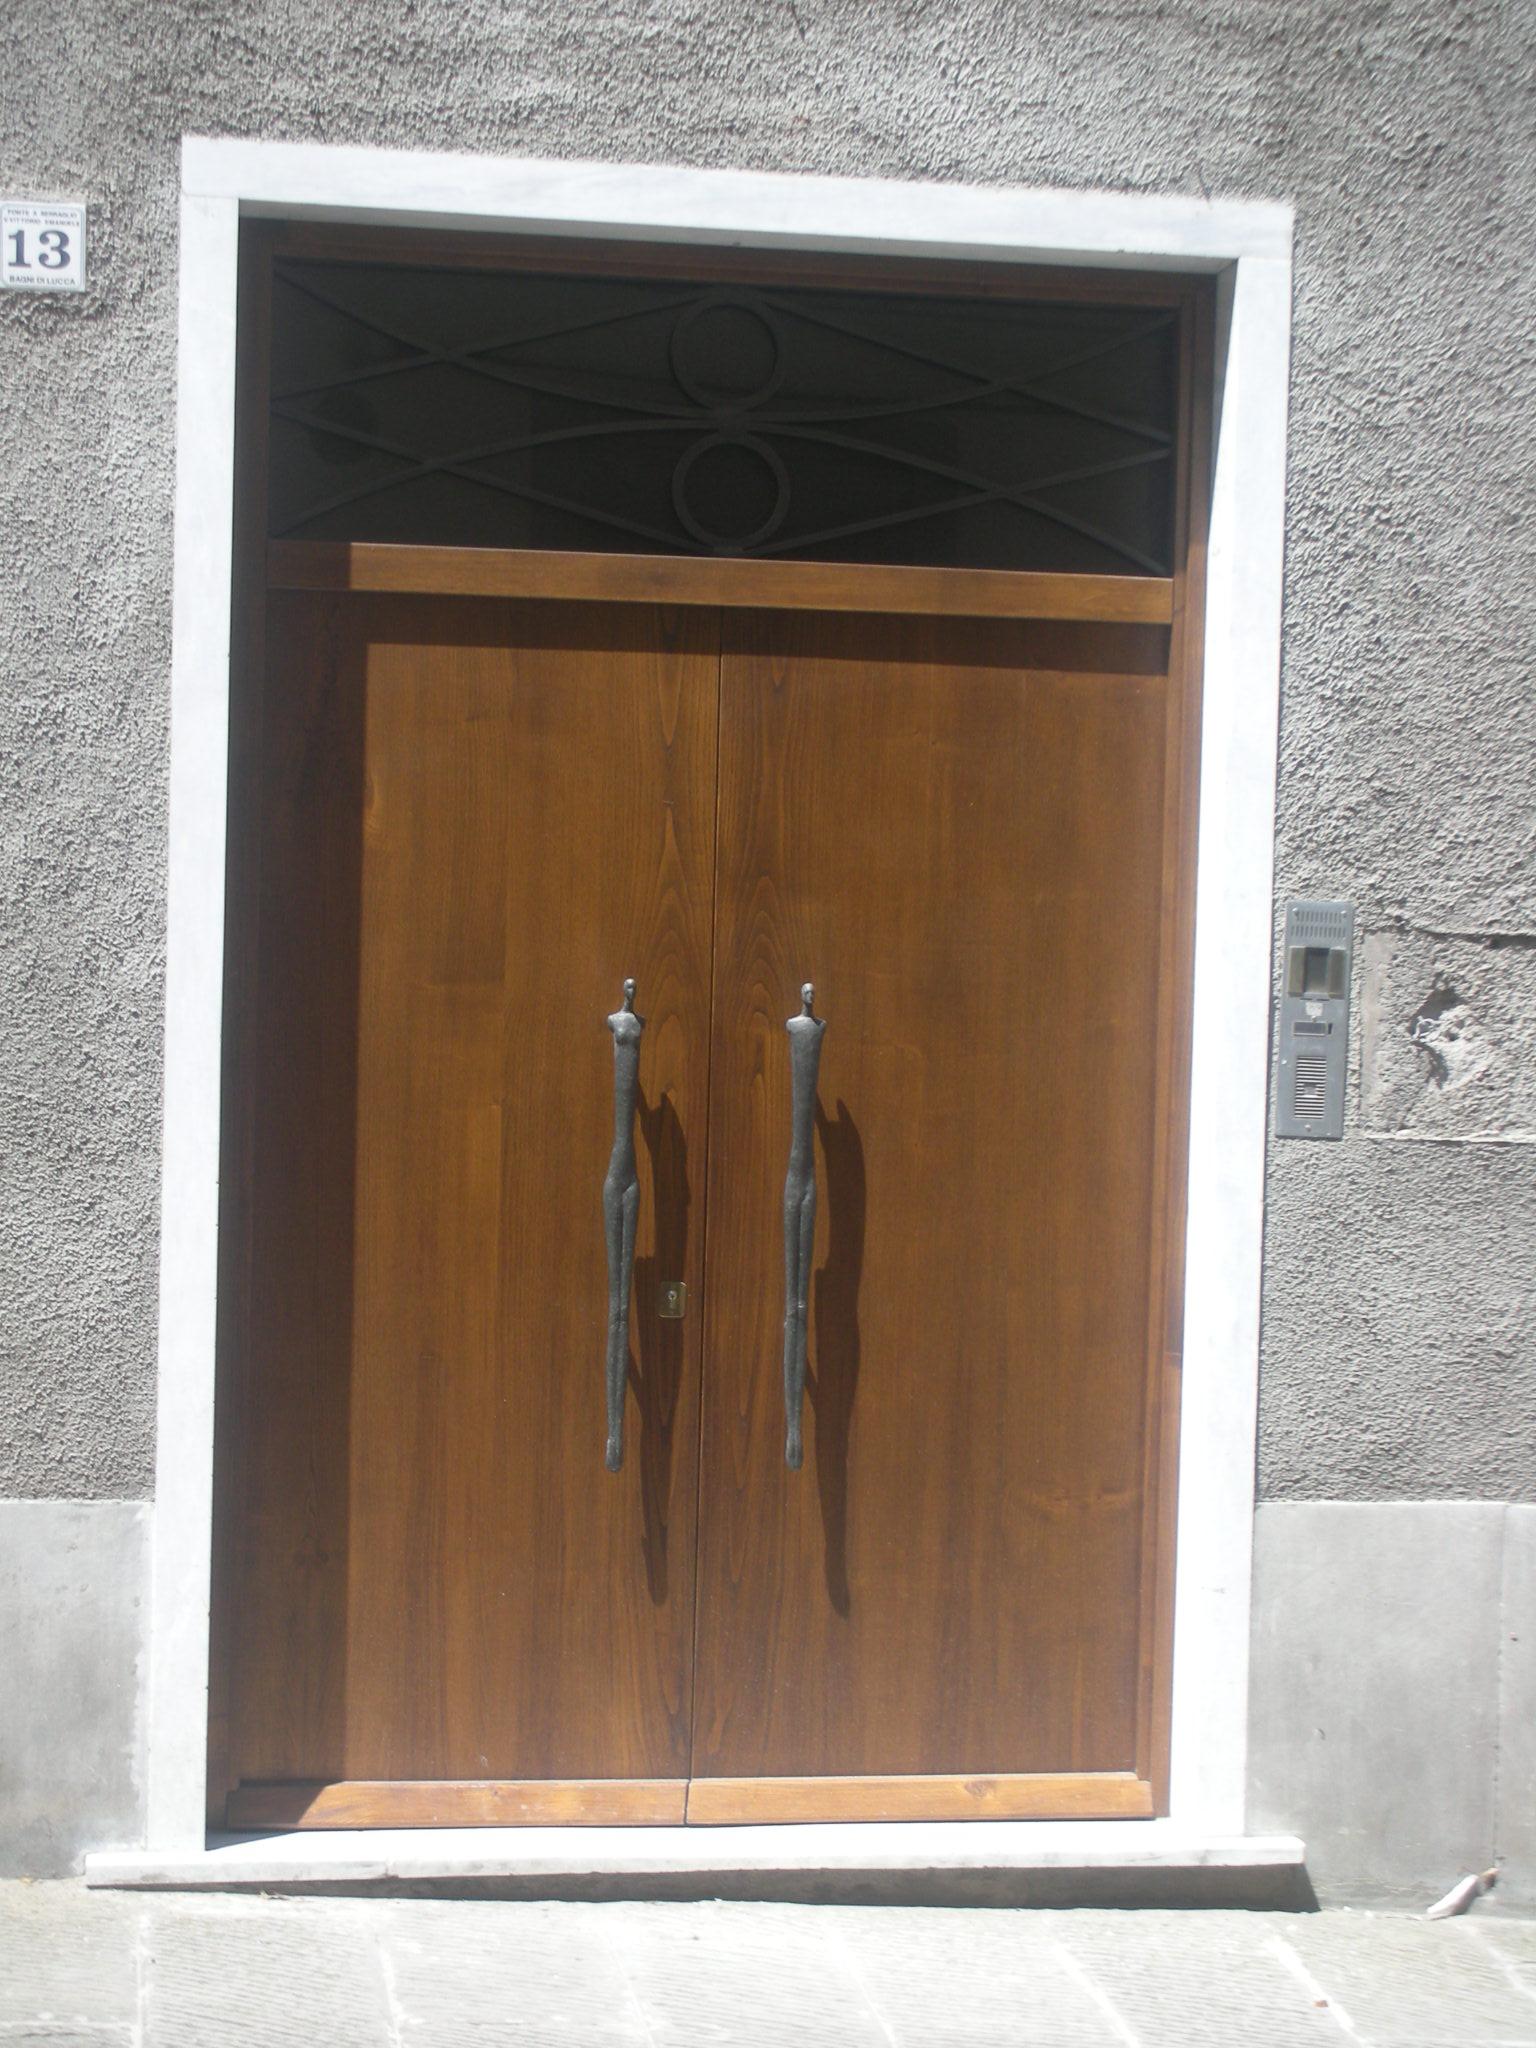 Showcasing The Sculptured Door Handles Of Shona Noonan Local Artist